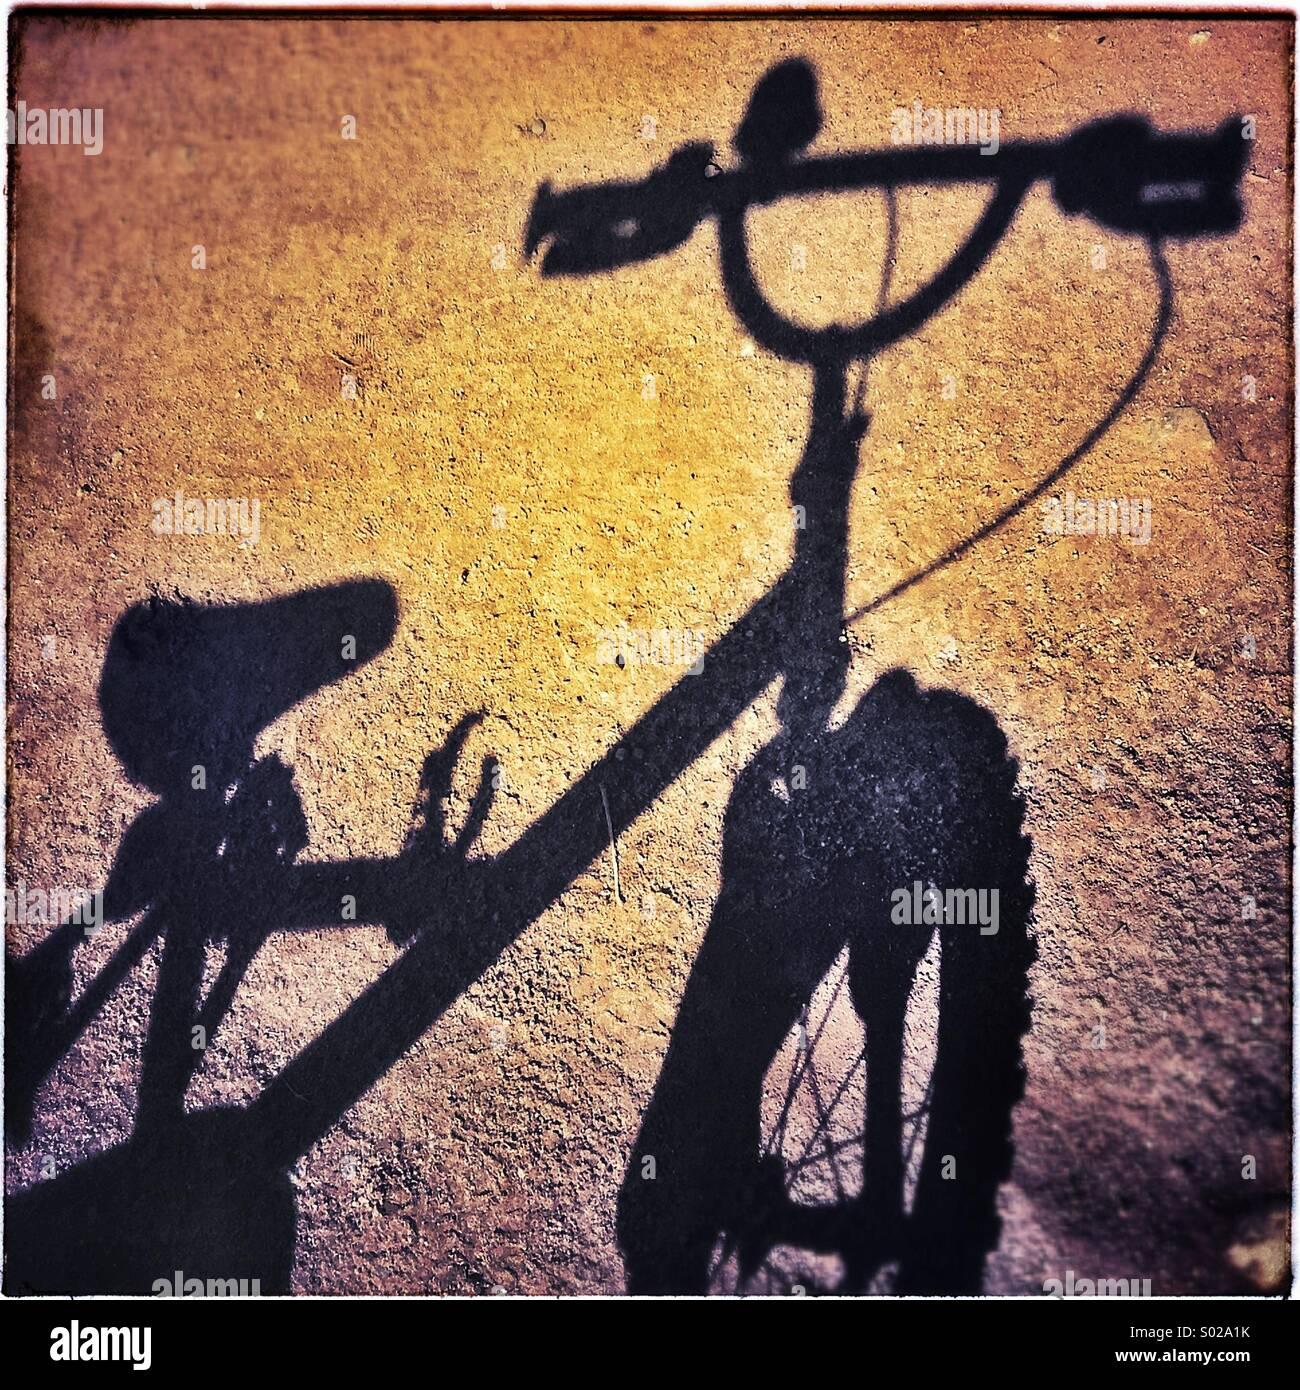 El domingo por la mañana, sombra de bicicletas Imagen De Stock